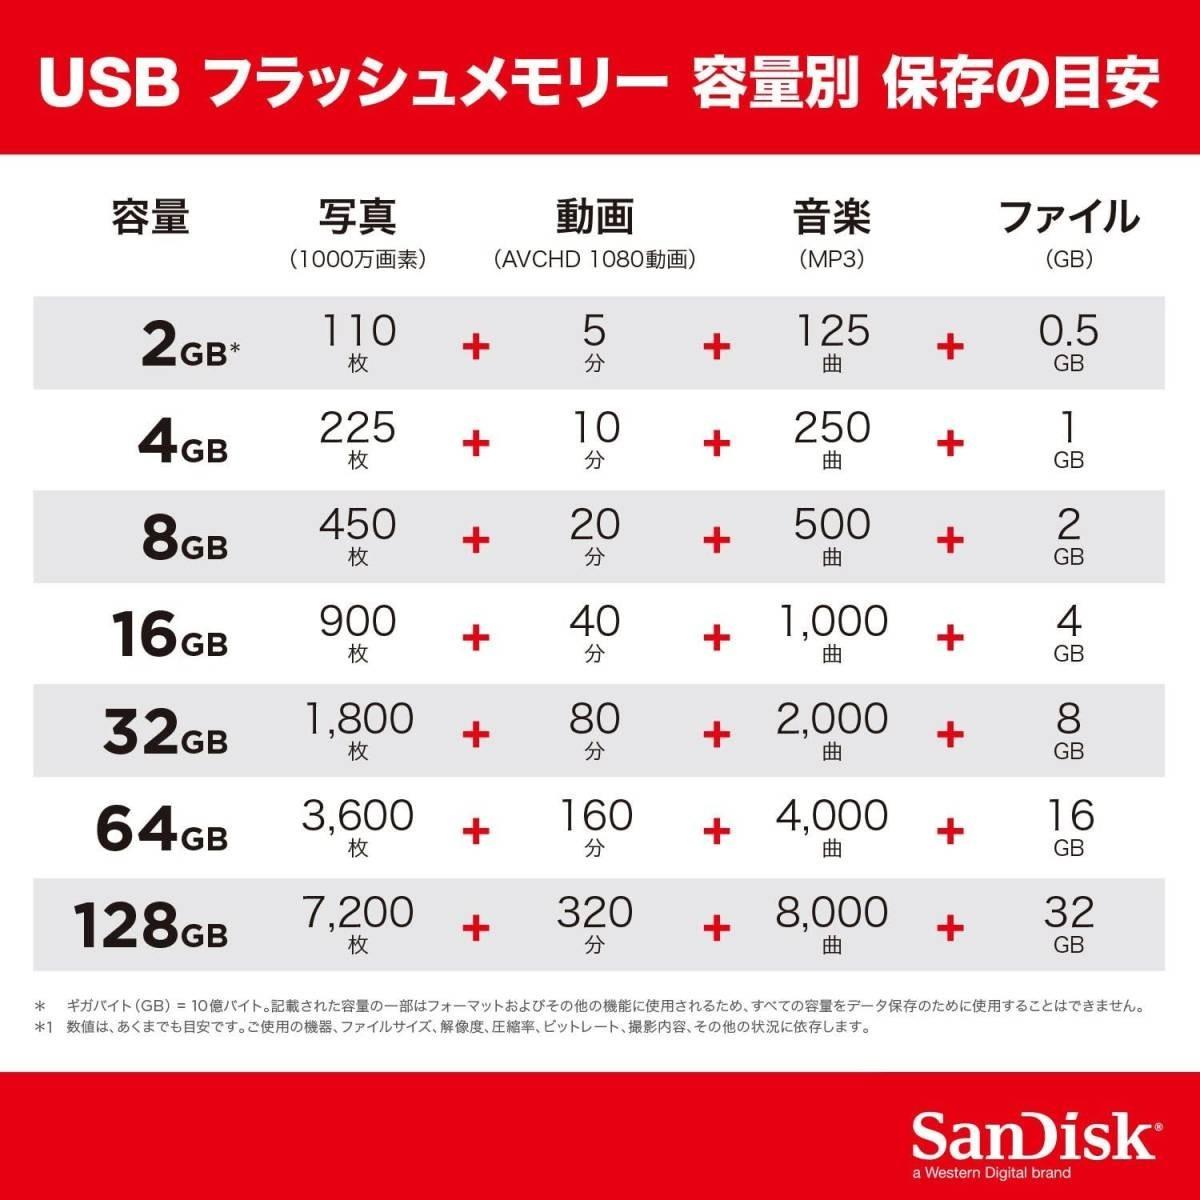 USBメモリー 32GB サンディスク